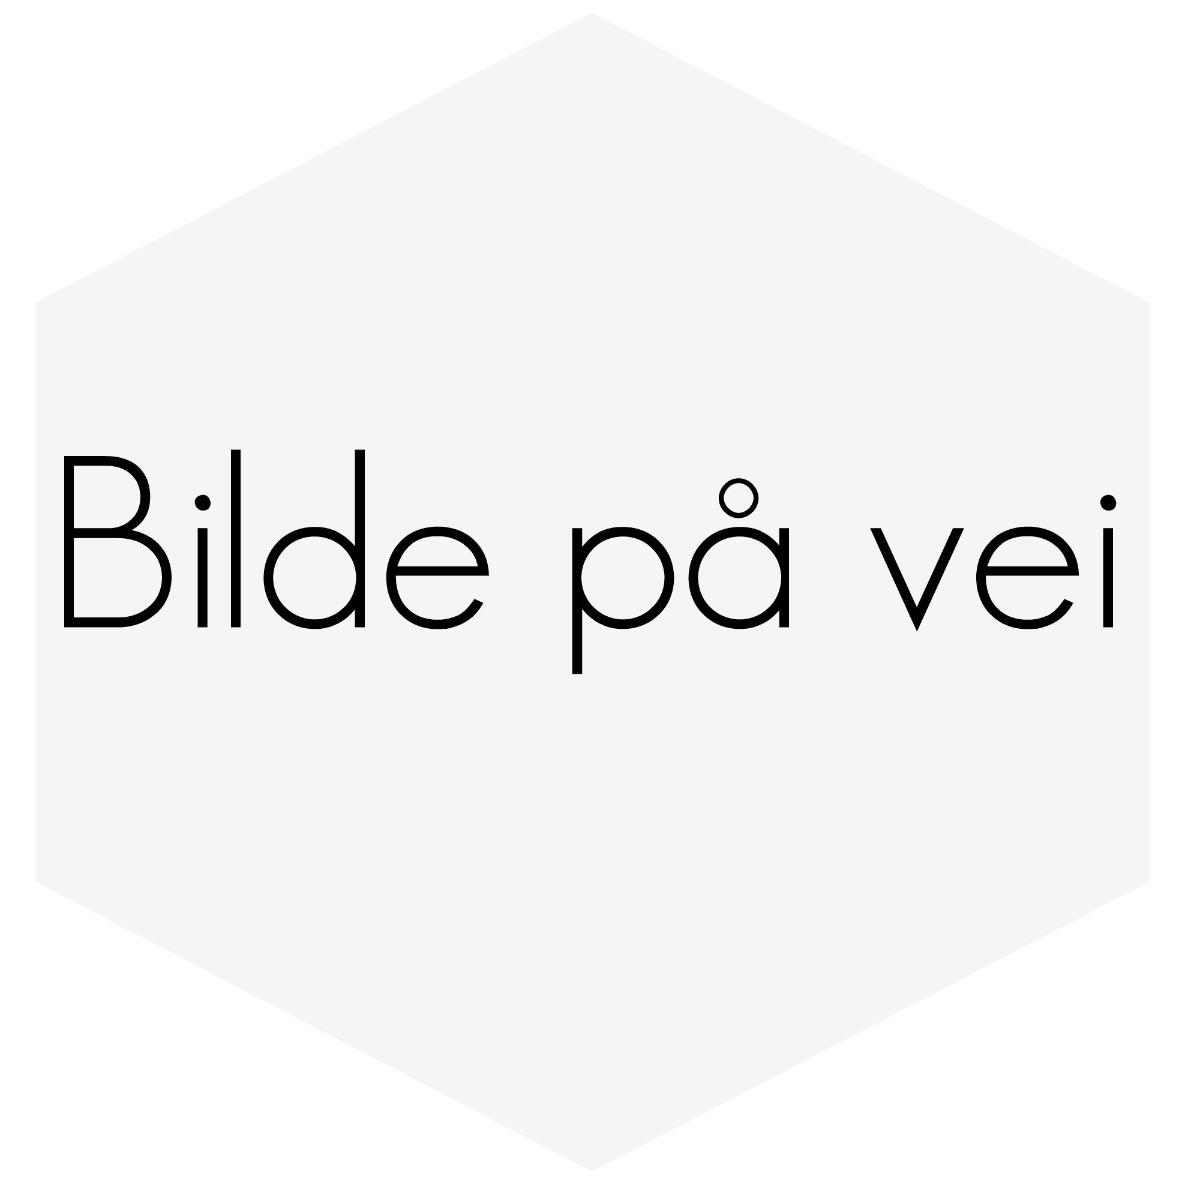 RADIATOR ØVRE SLANG 700-85-92 3536130